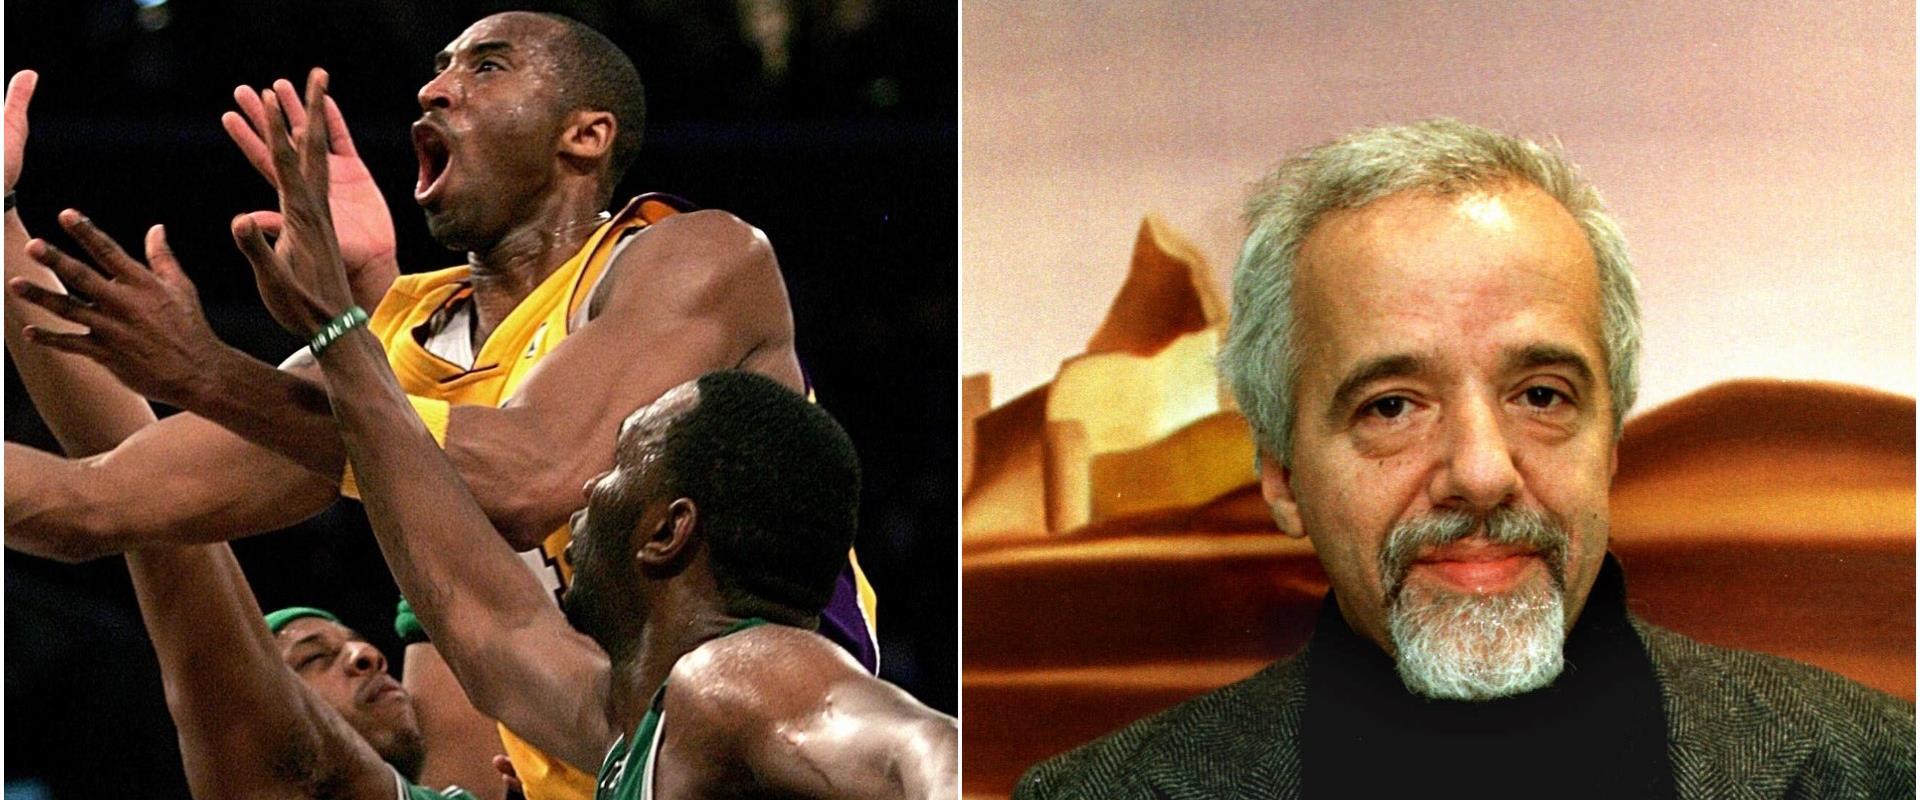 הסופר הברזילאי ושחקן הכדורסל המנוח